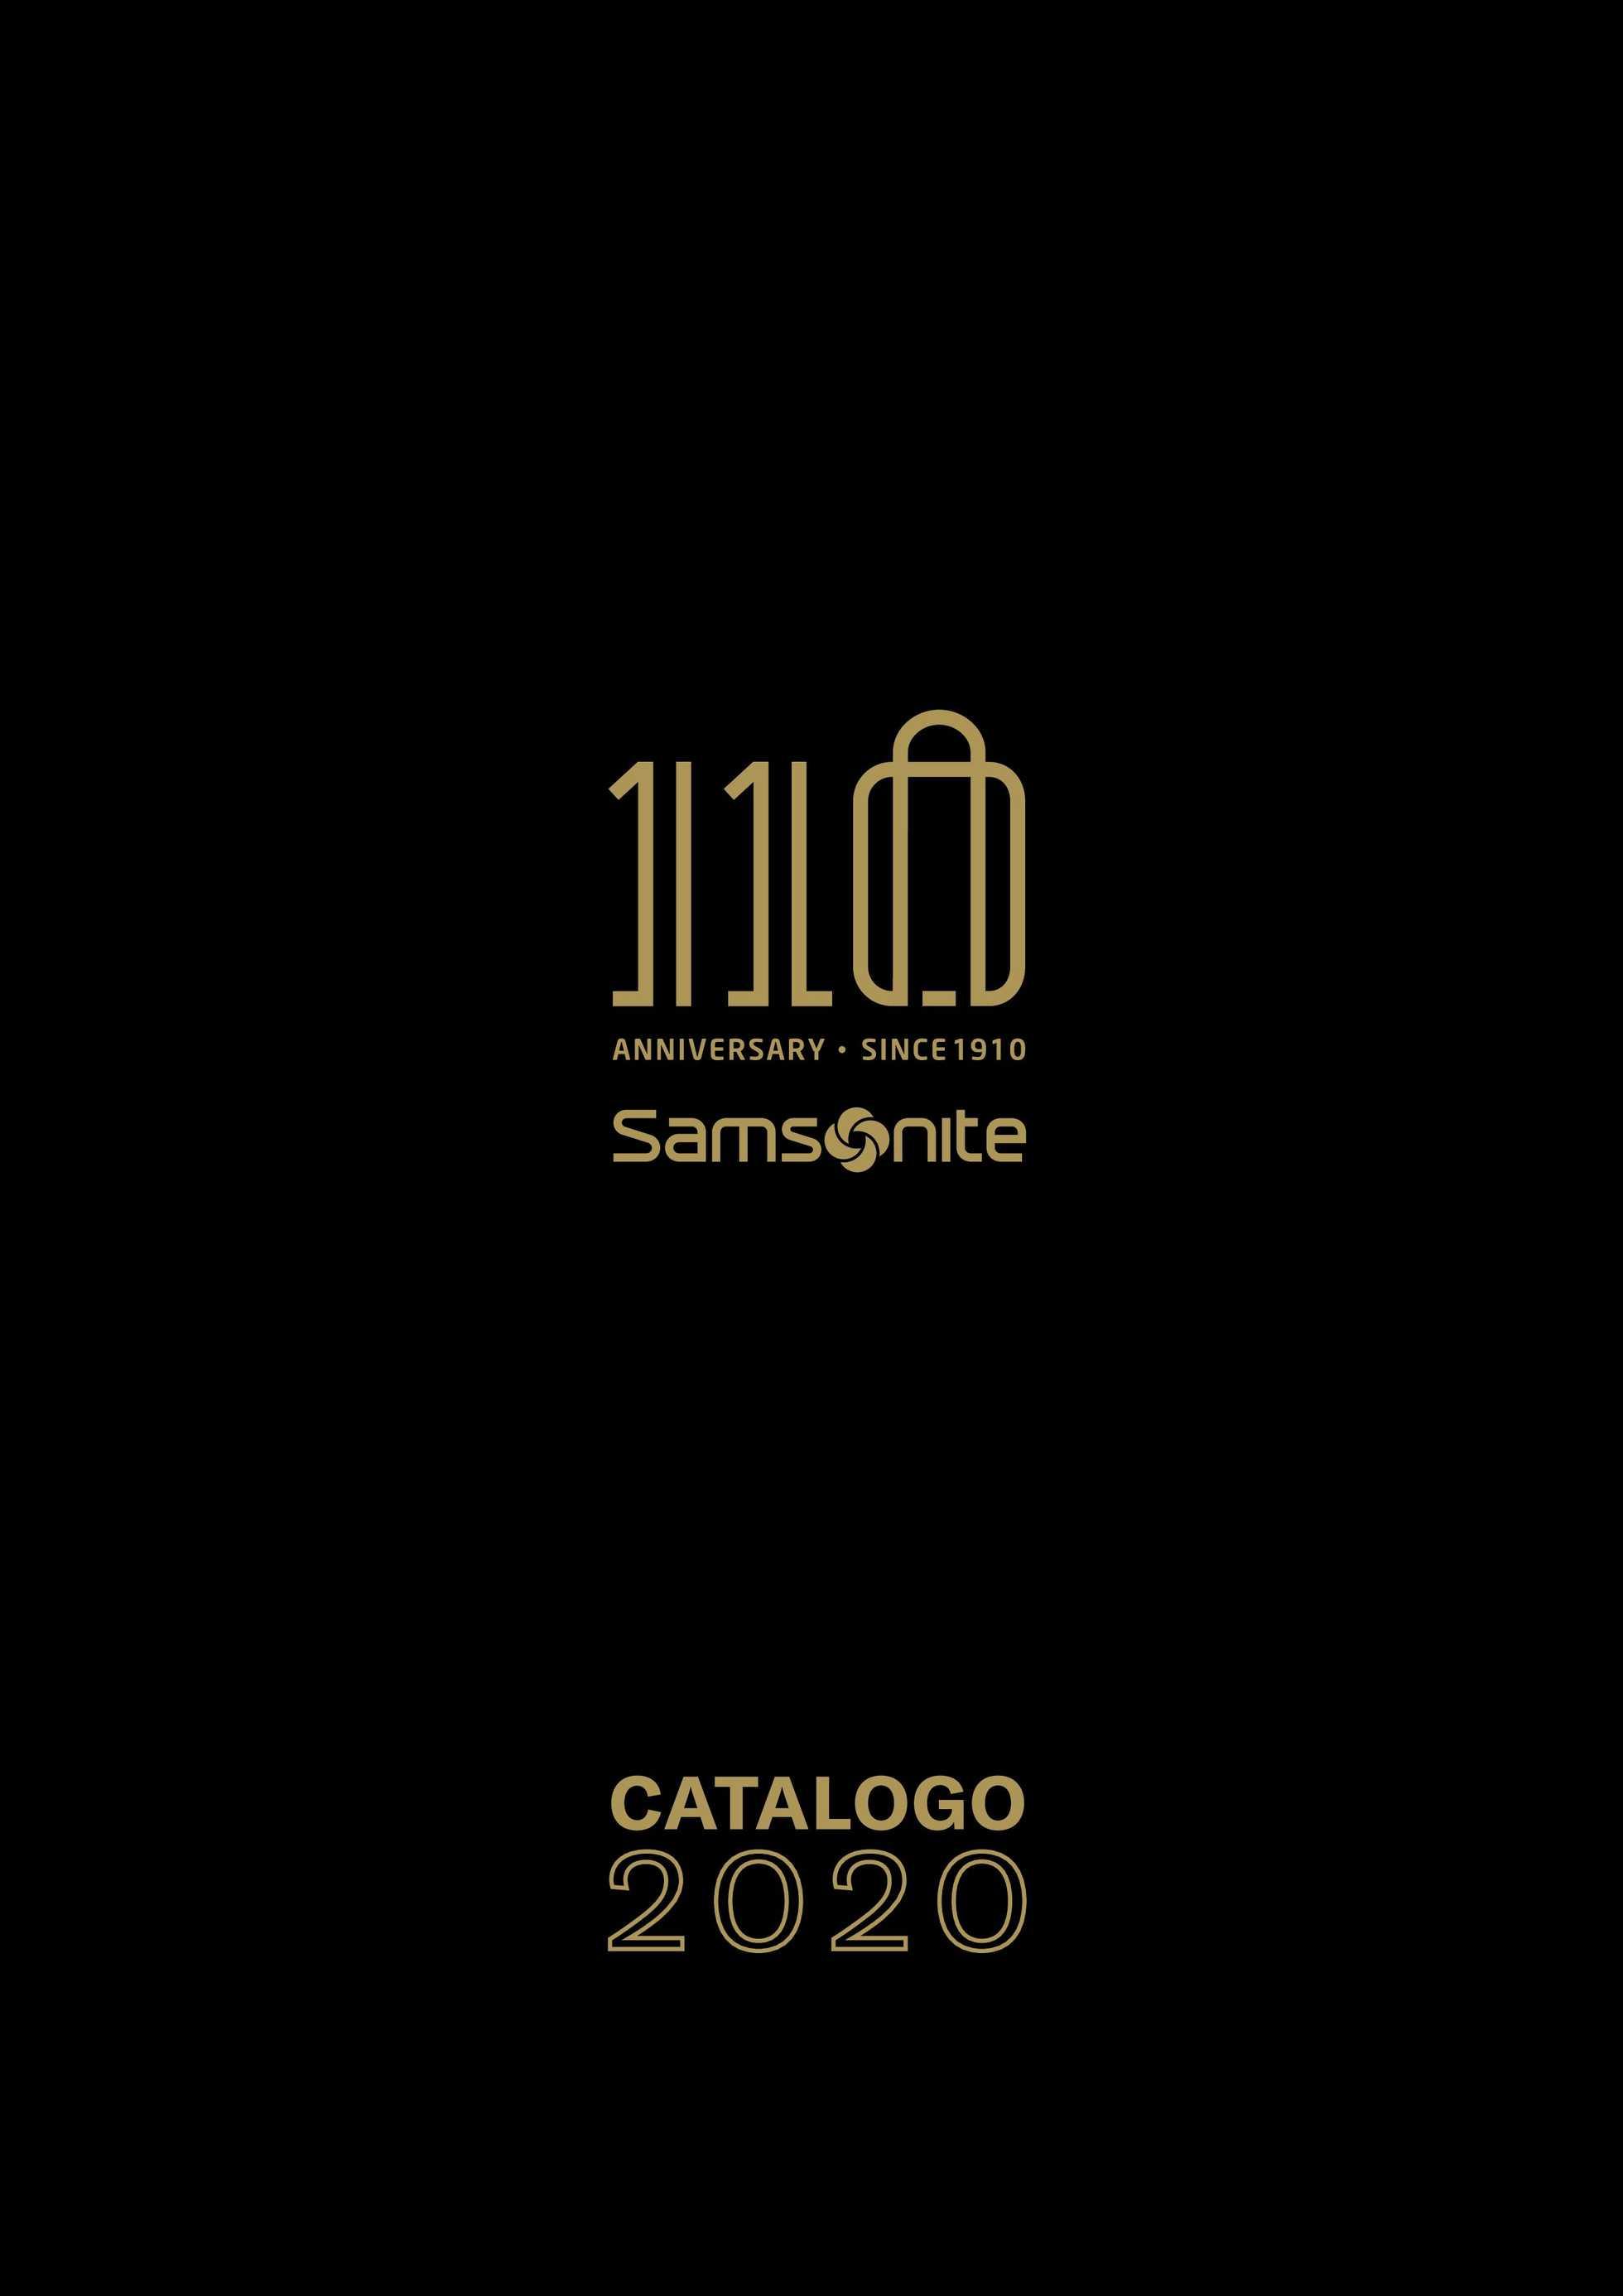 Samsonite - offerte valide dal 01.03.2020 al 31.12.2020 - pagina 1.